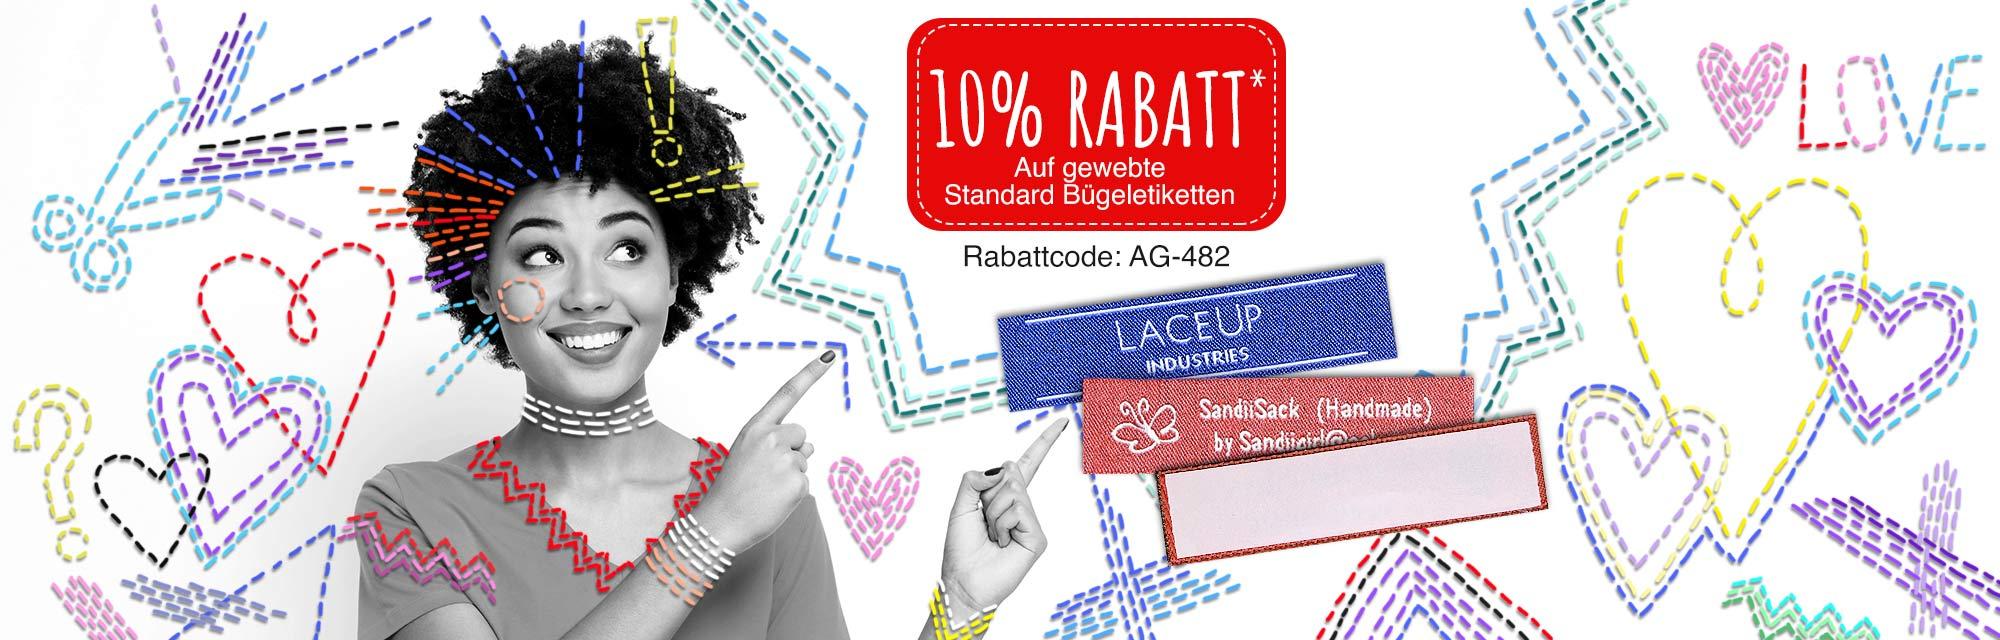 10 % Rabatt* auf Standard Webetiketten zum Aufbügeln oder Aufnähen!